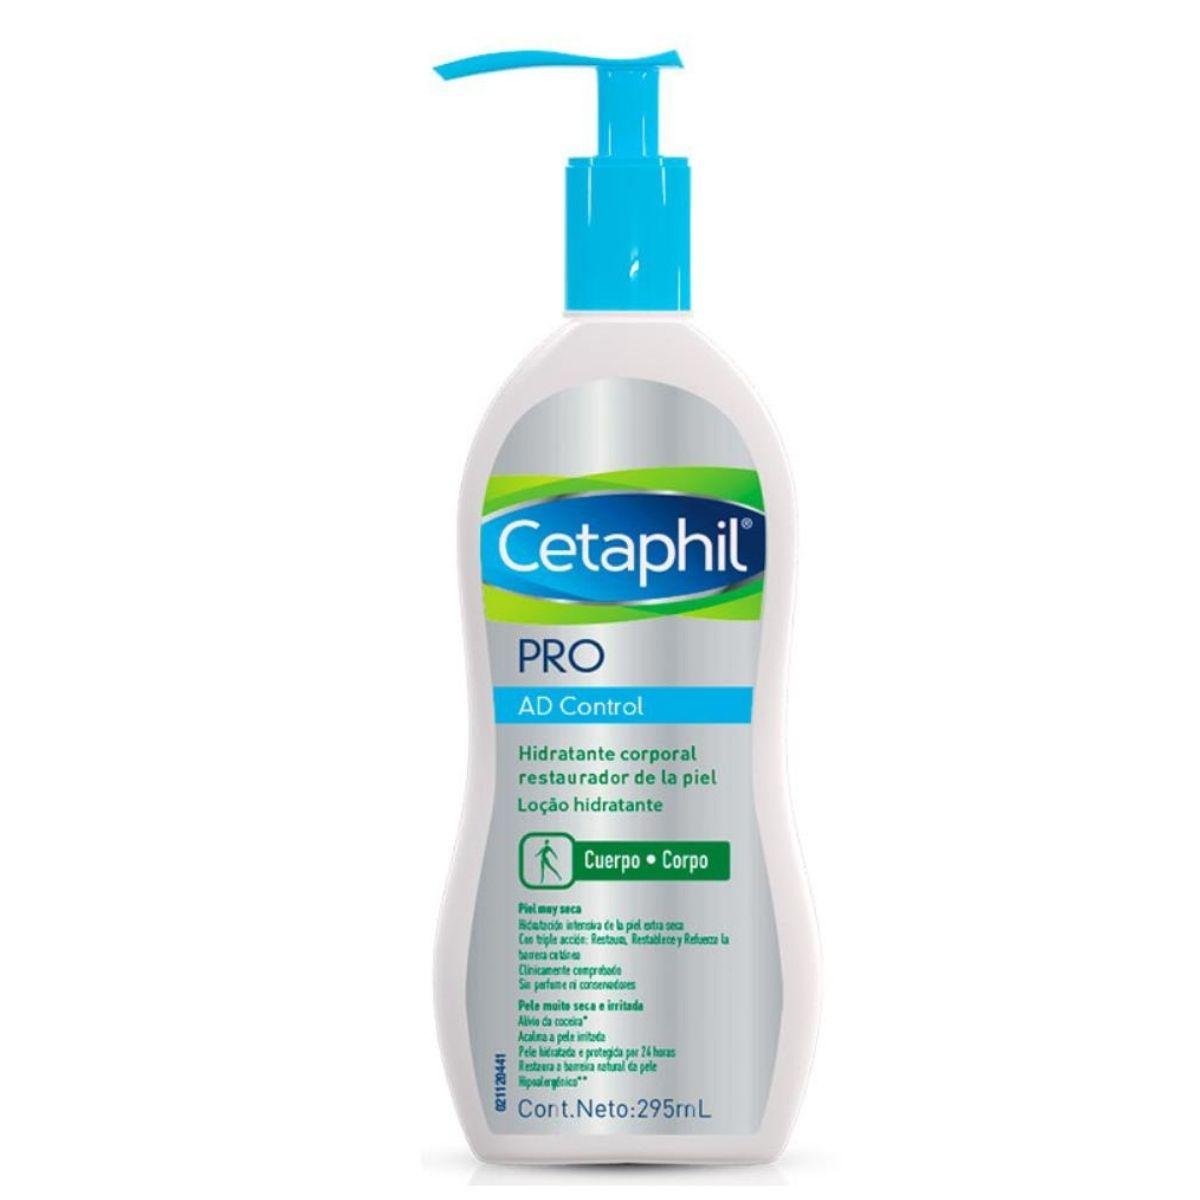 Cetaphil Pro AD Control Loção Hidratante com 295ml